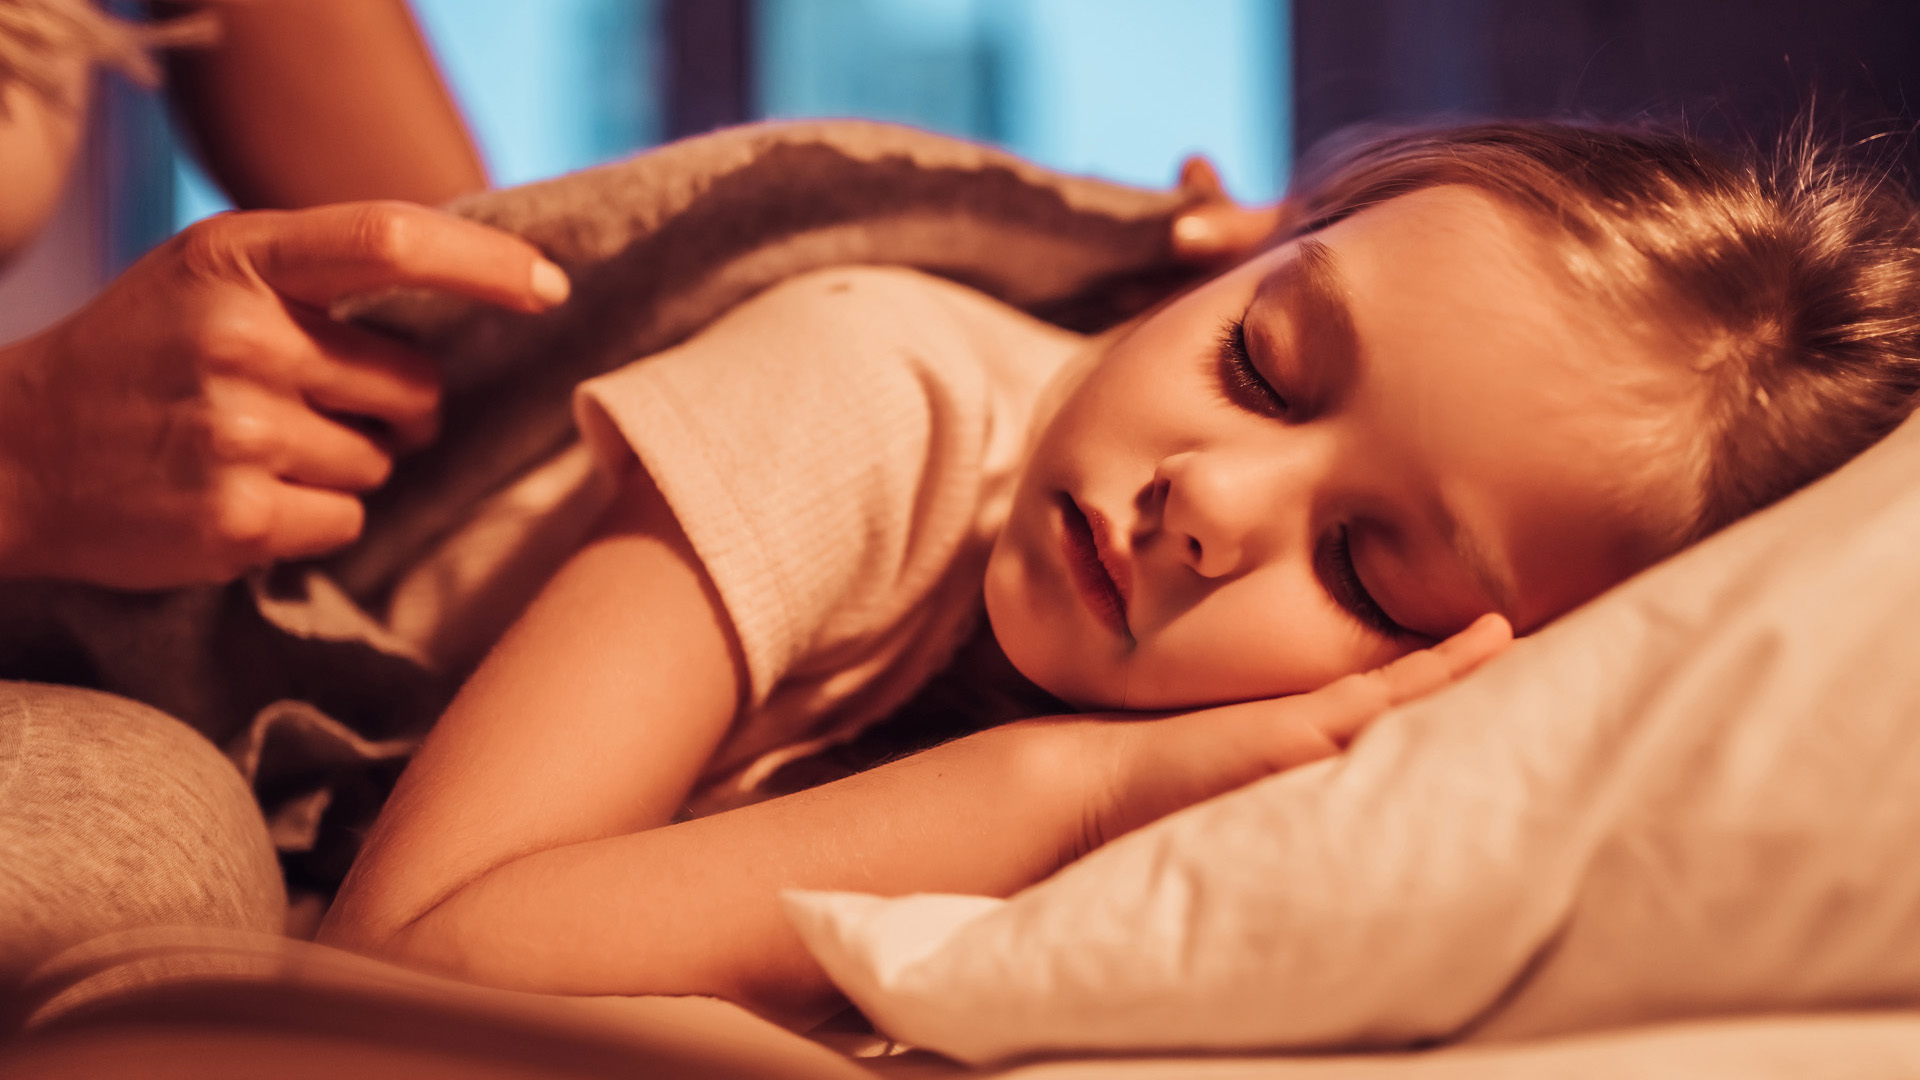 Van, akiknek könnyedén megy, más hosszú ideig szenved azért, hogy külön alvásra szoktassa a gyereket